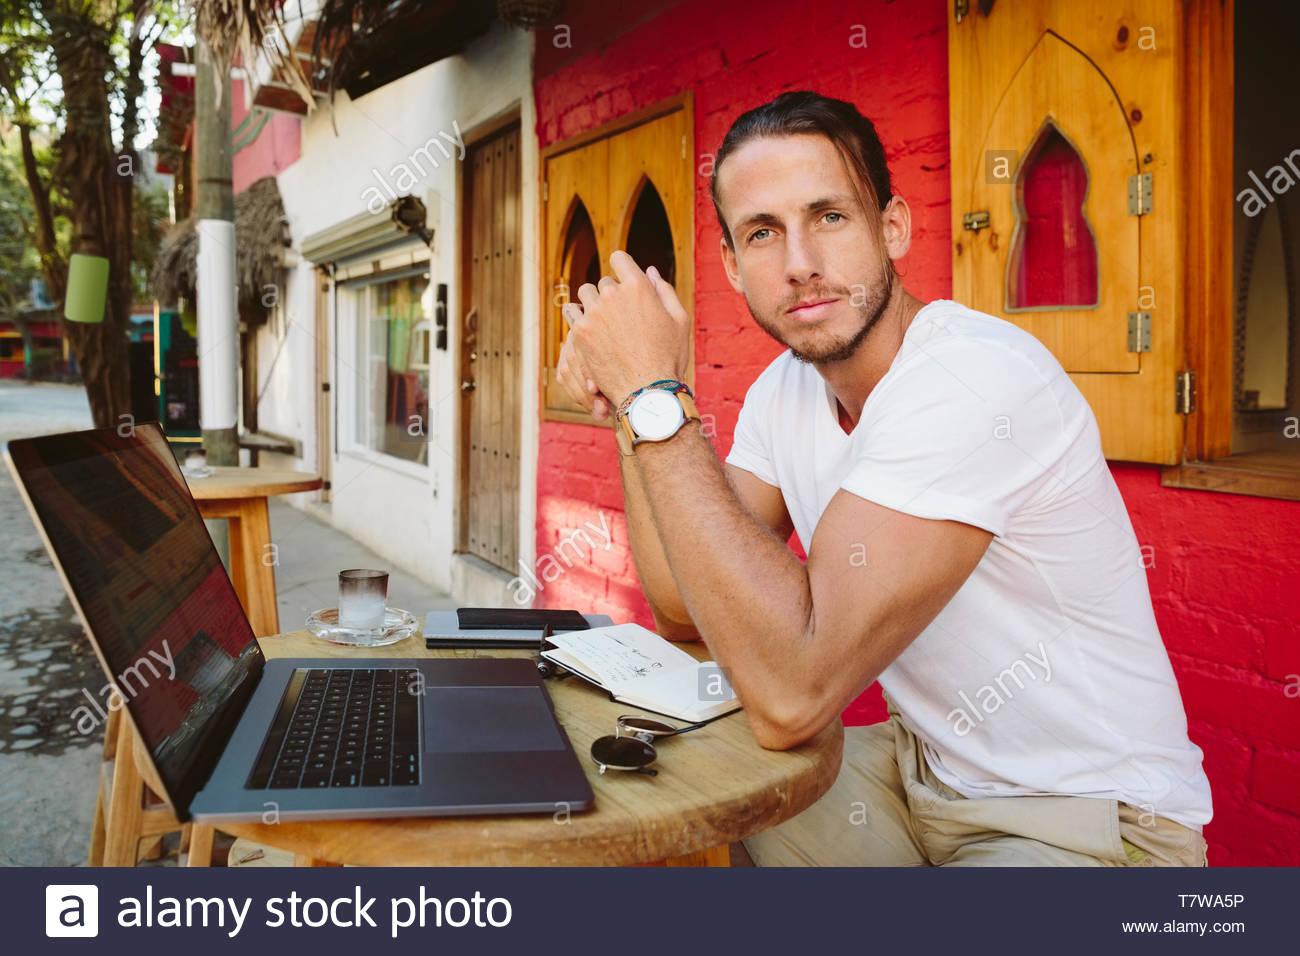 Portrait selbstbewussten jungen männlichen Touristen am Laptop zu Sidewalk Cafe arbeiten, Mexiko Stockbild